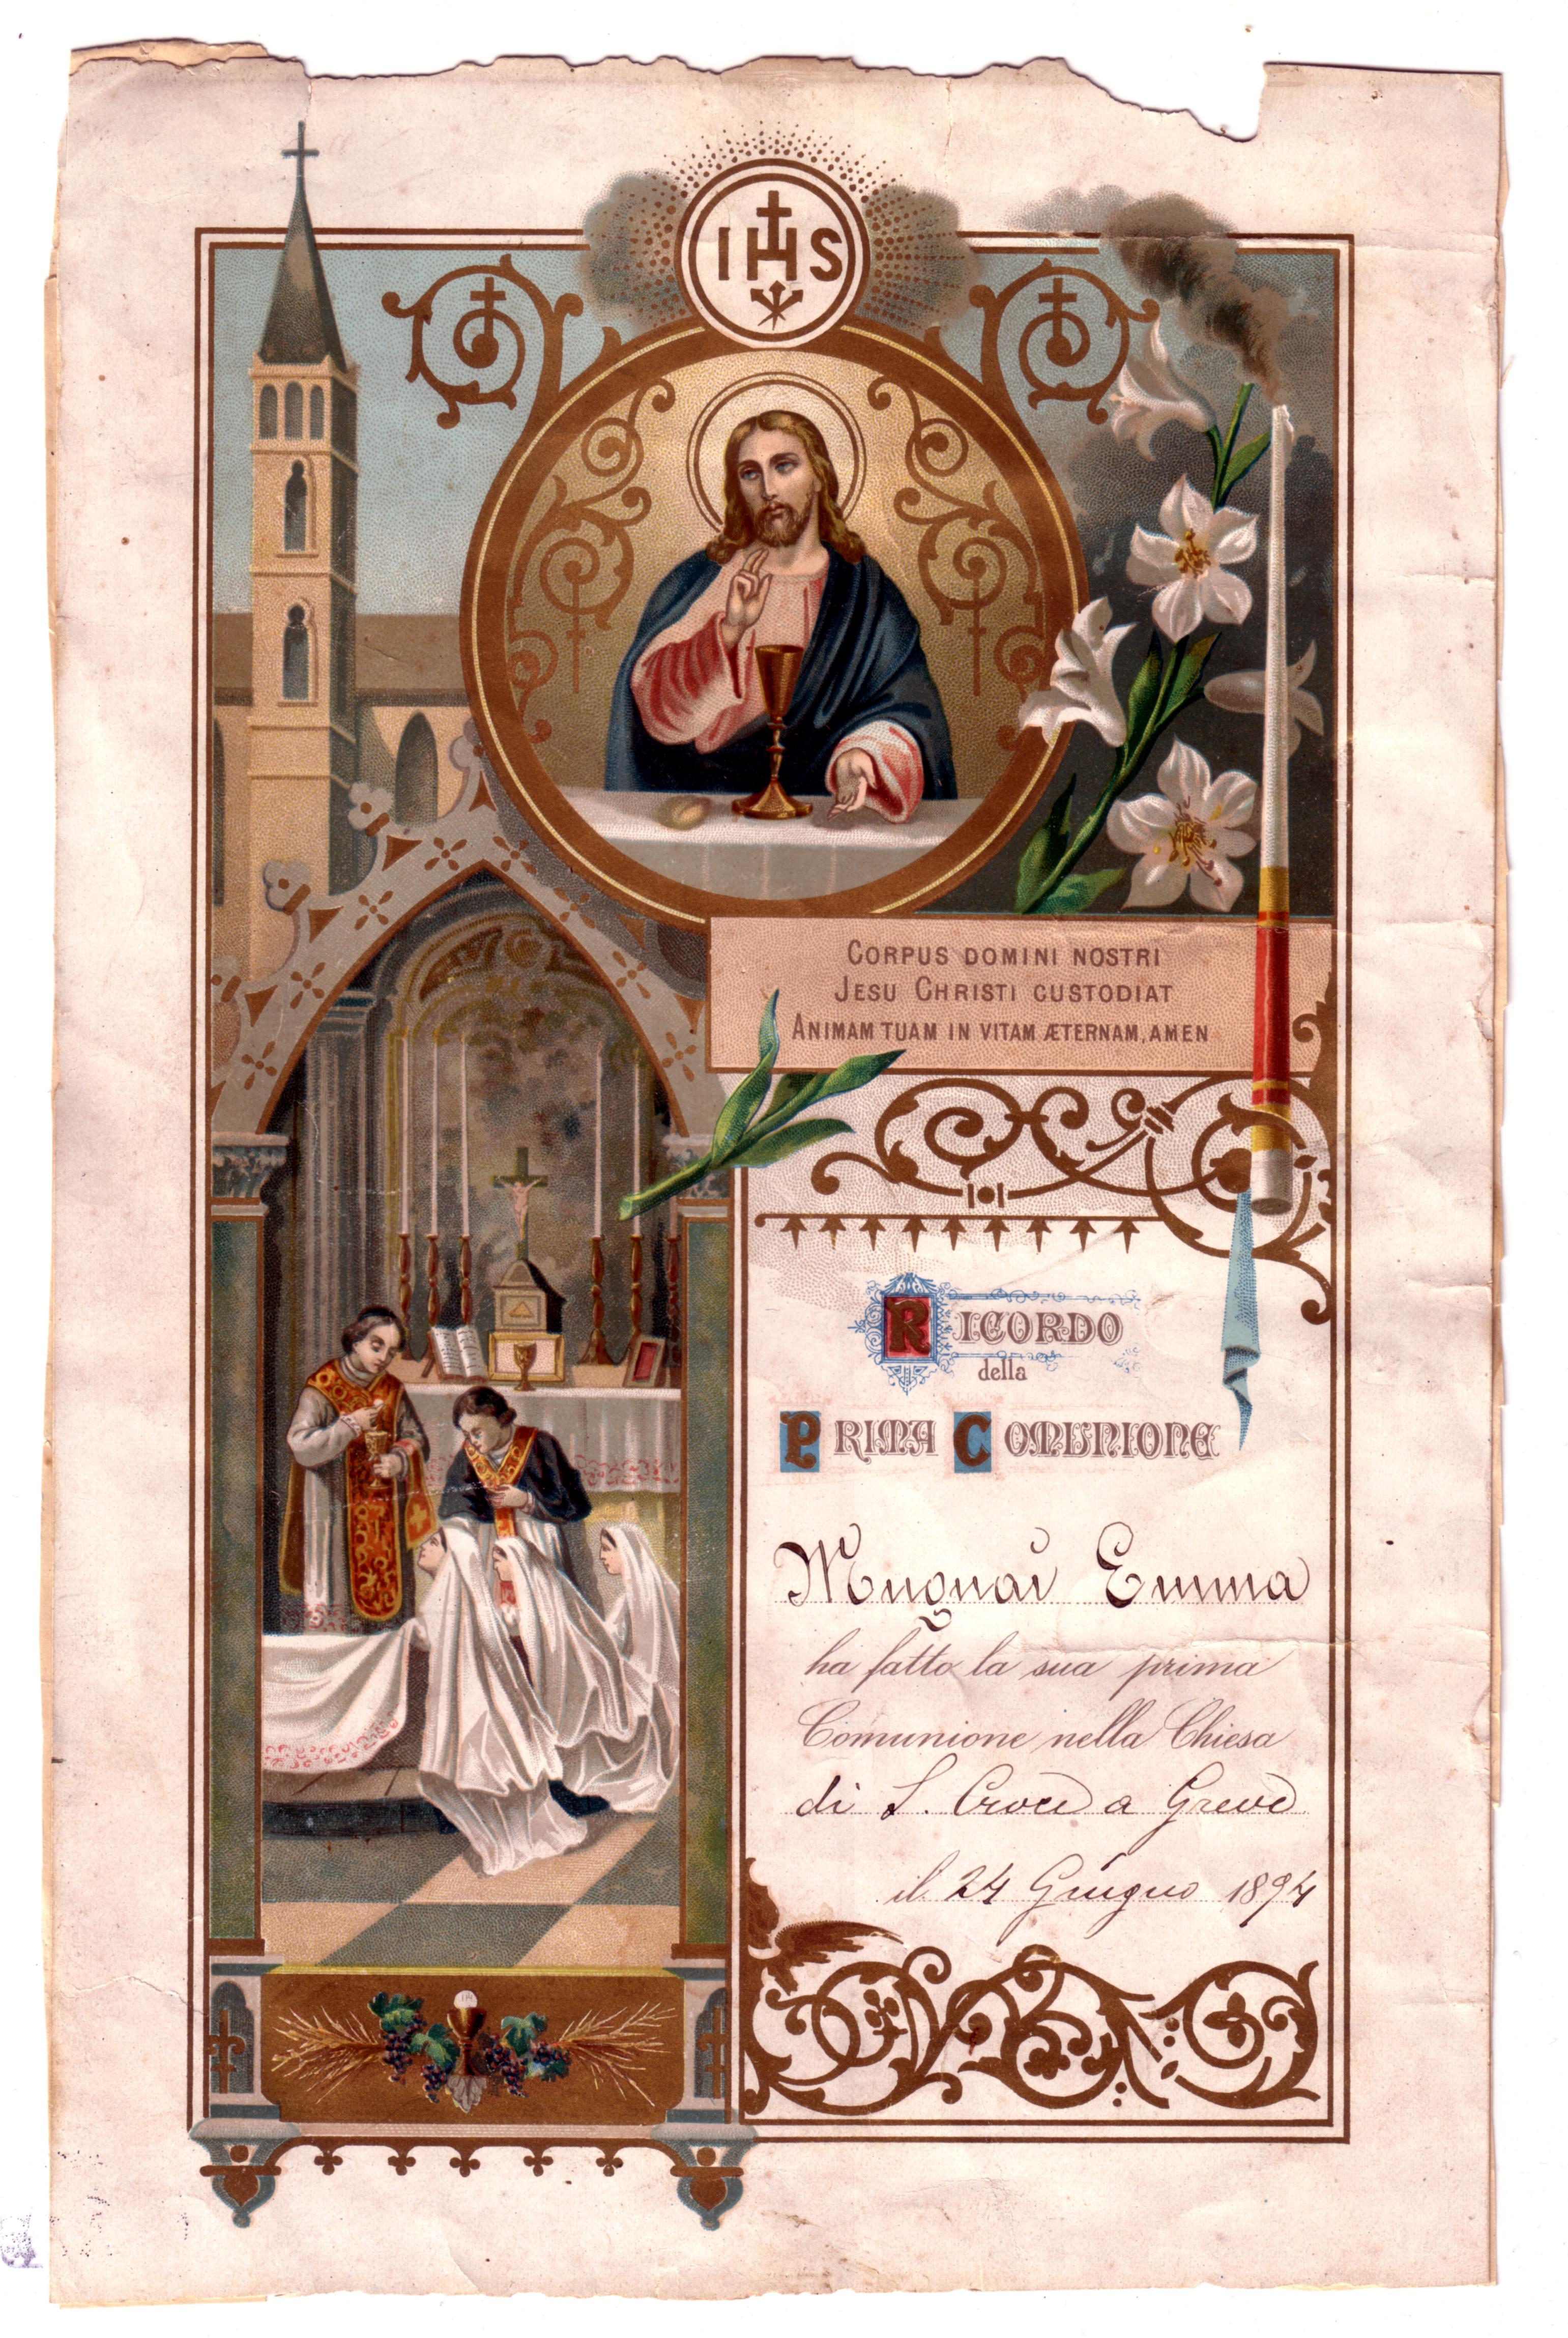 File:Emma Mugnai First Communion Certificate.jpg - Wikimedia Commons